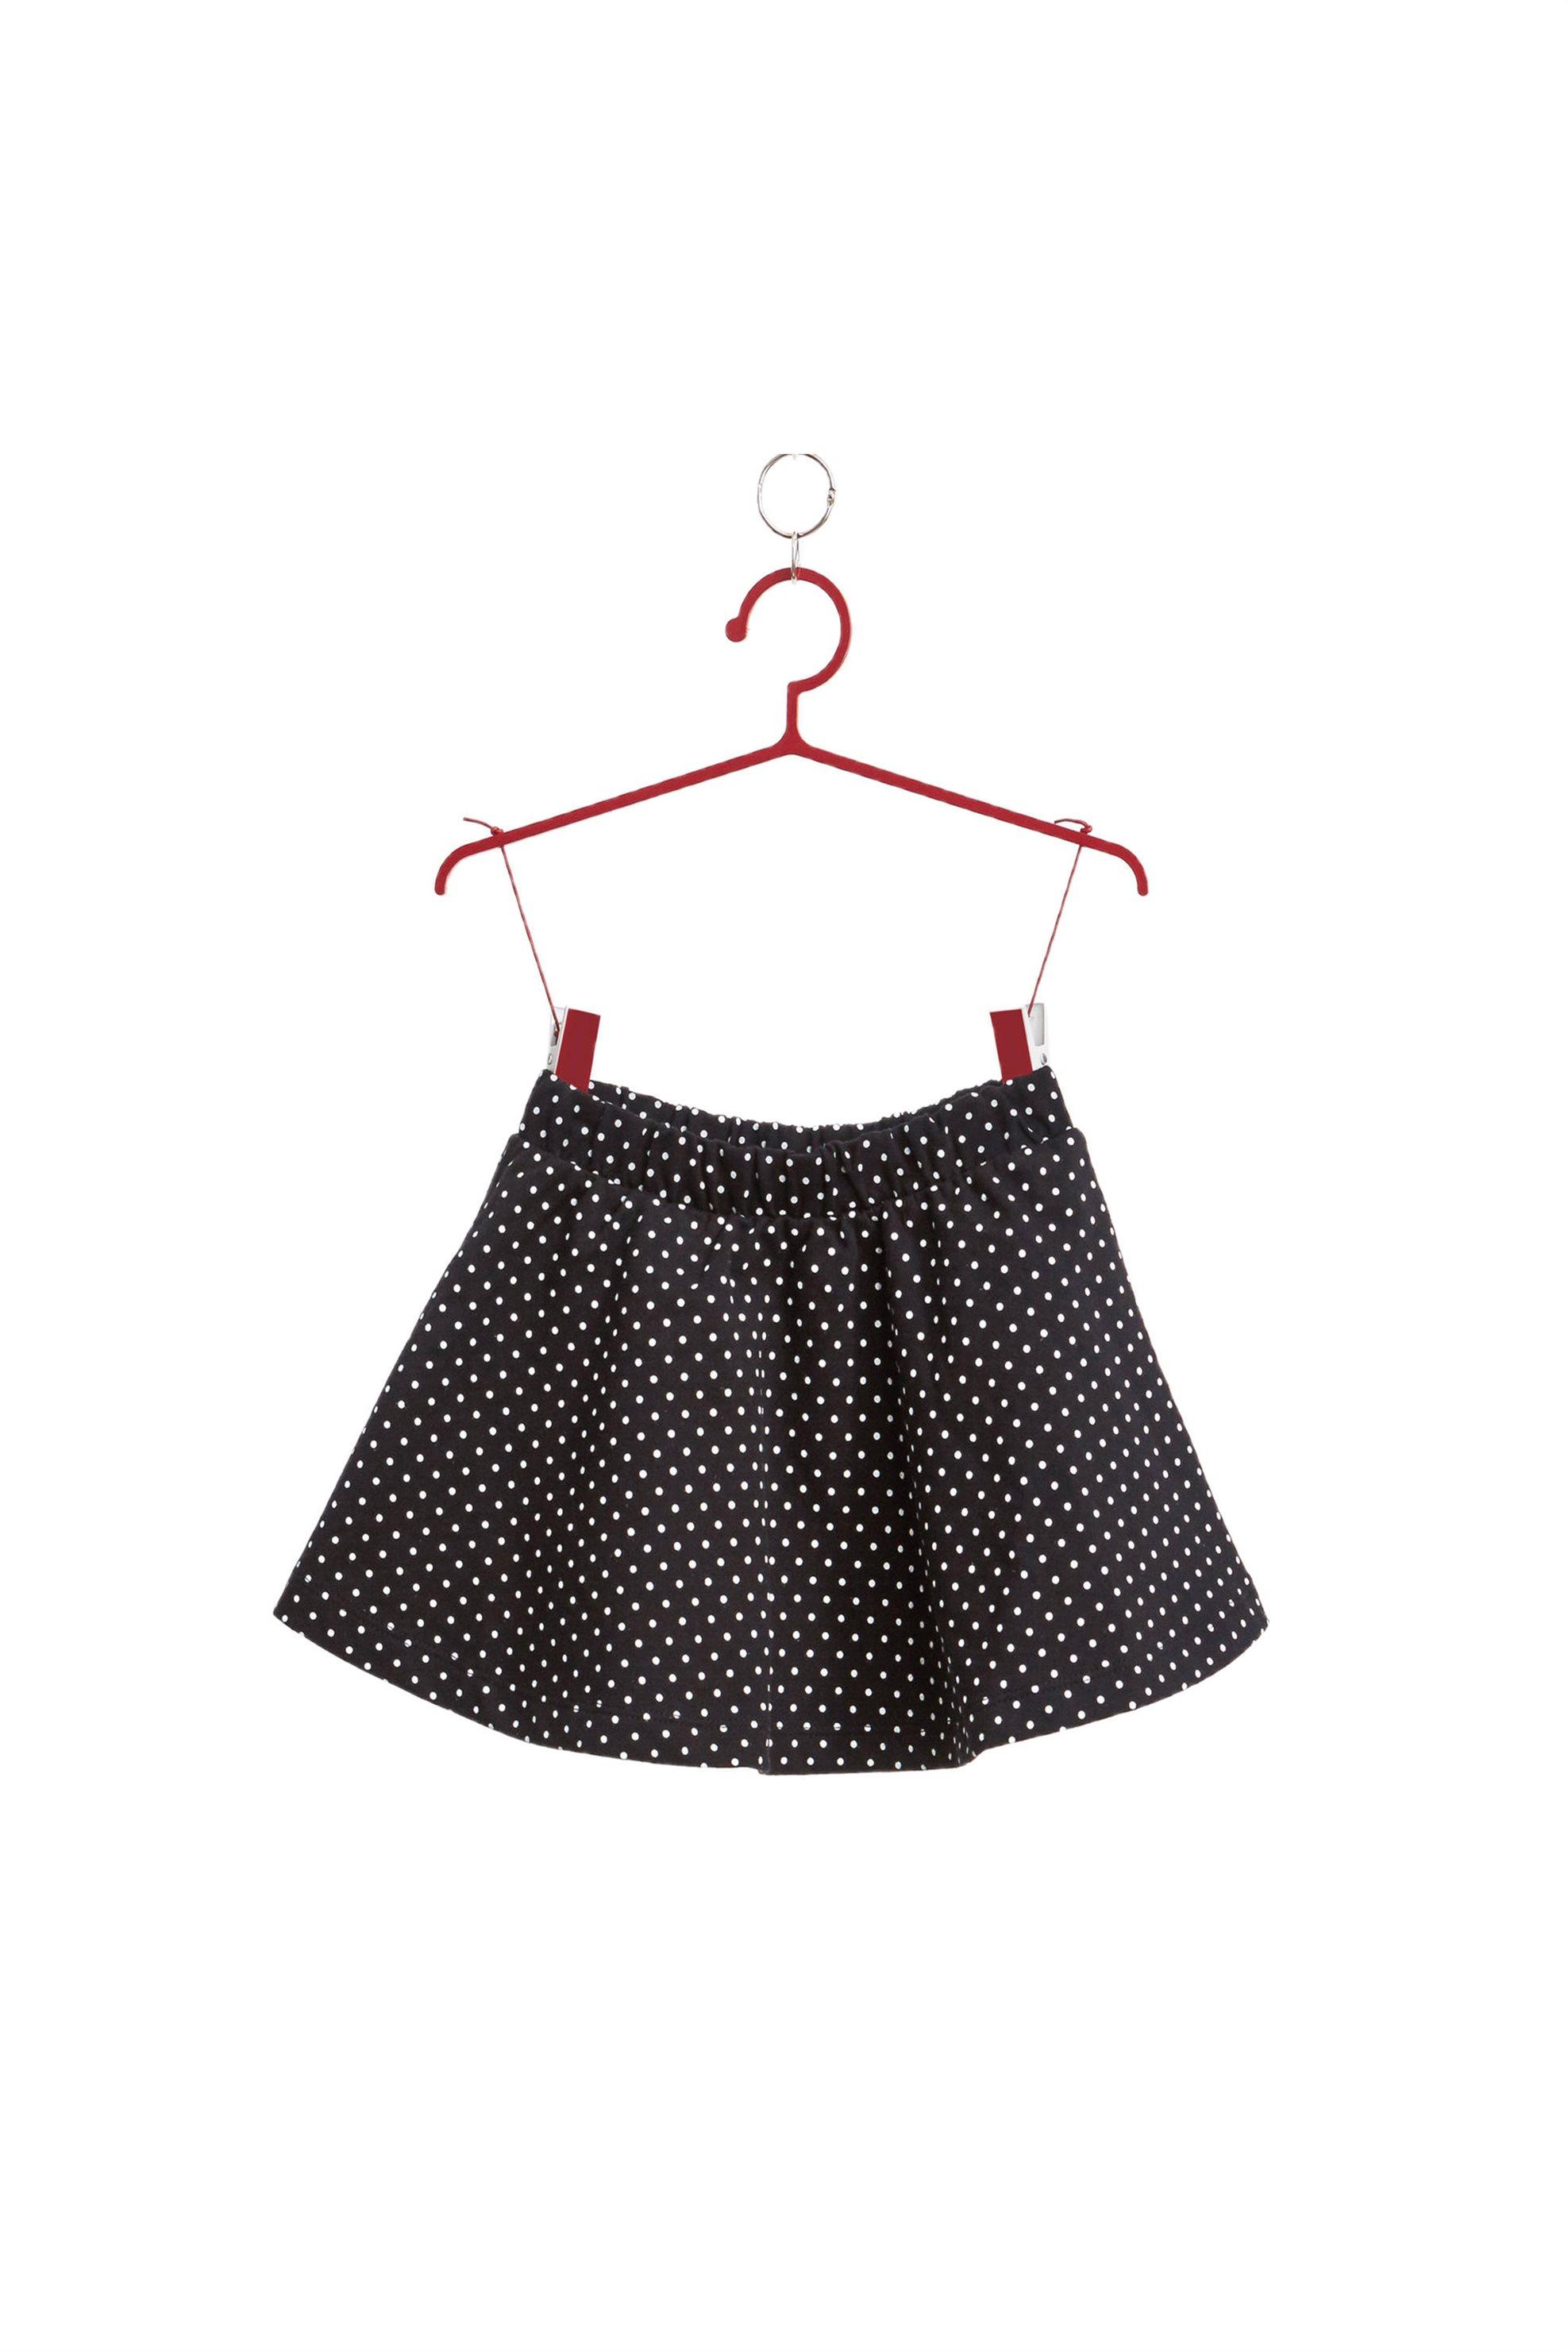 Παιδική φούστα πουά OVS - 000167100 - Μαύρο παιδι   βρεφικα κοριτσι   0 3 ετων   κοριτσι   4 14 ετων   φούστες   ρούχα   φορ